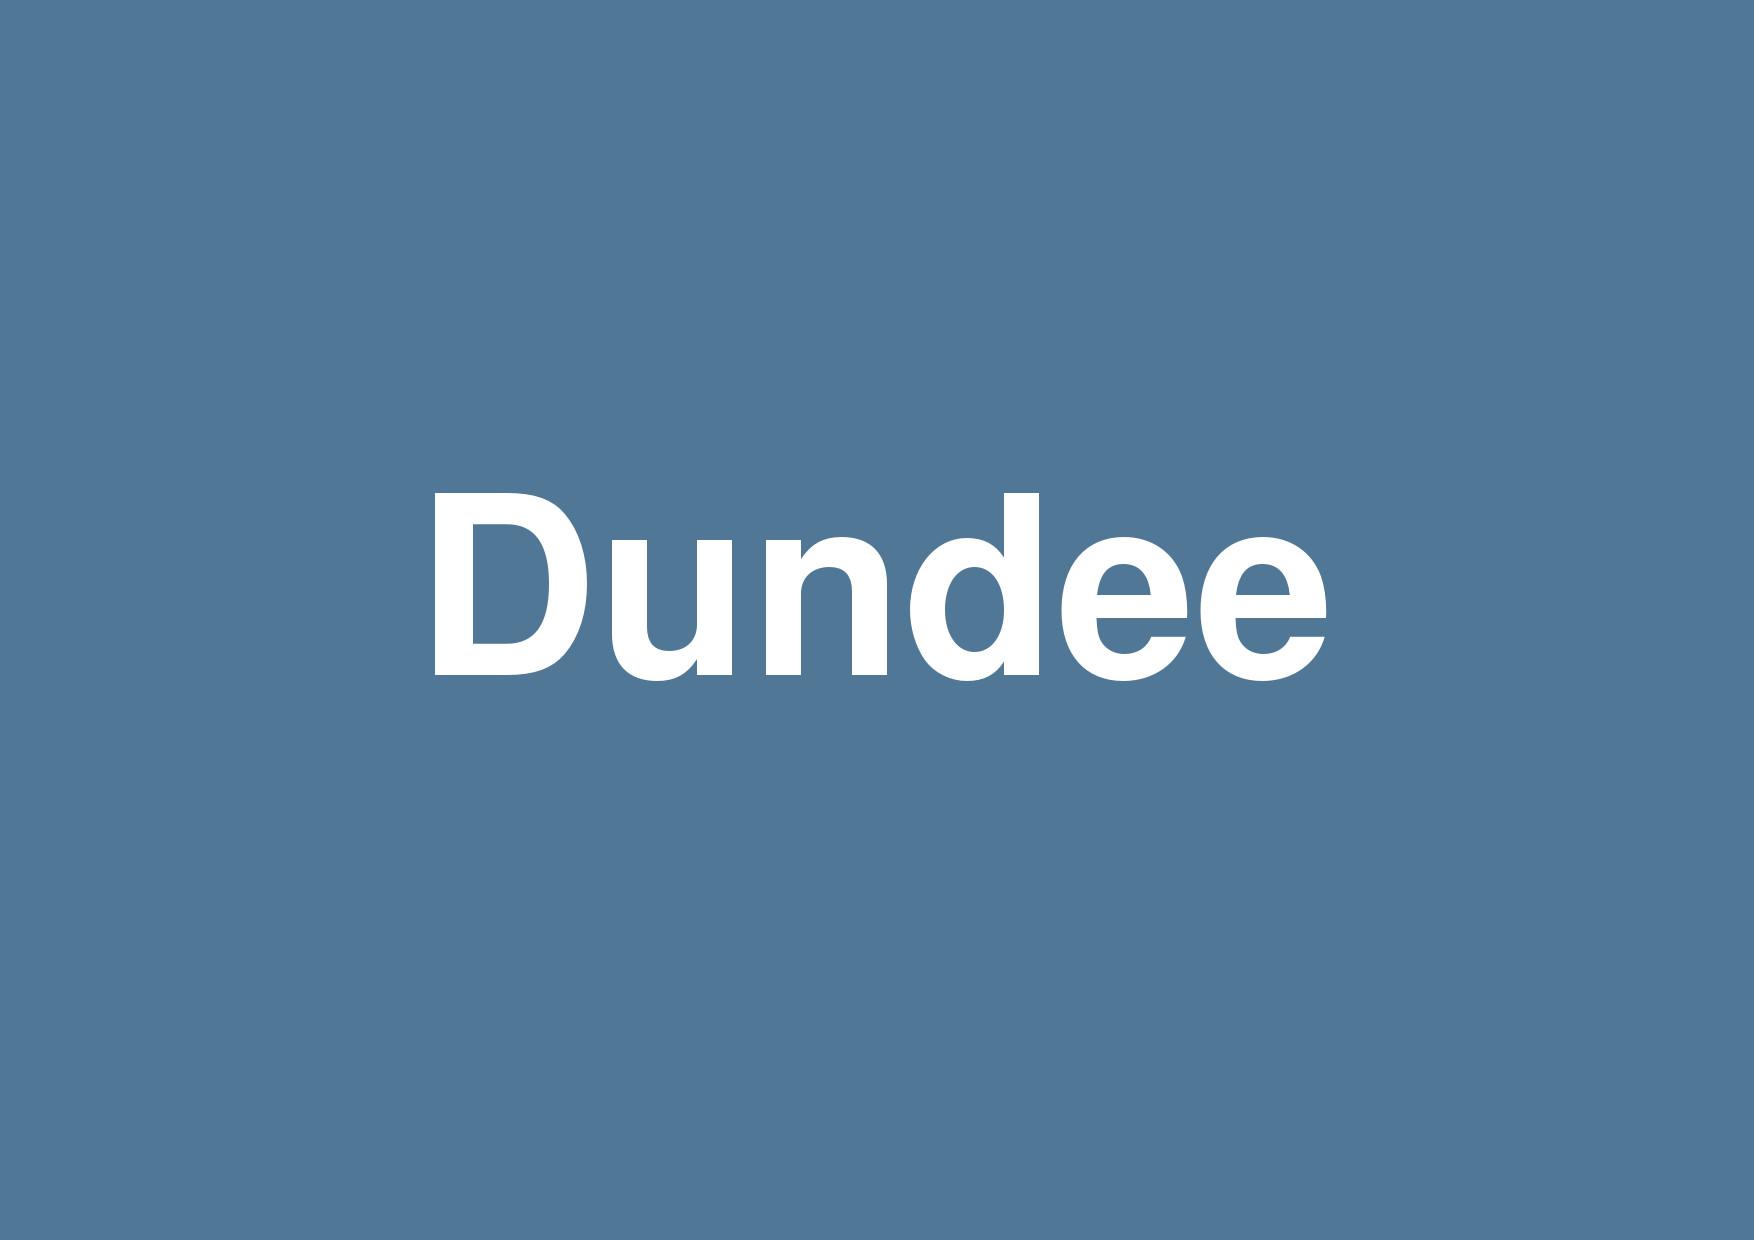 Button Dundee.jpg